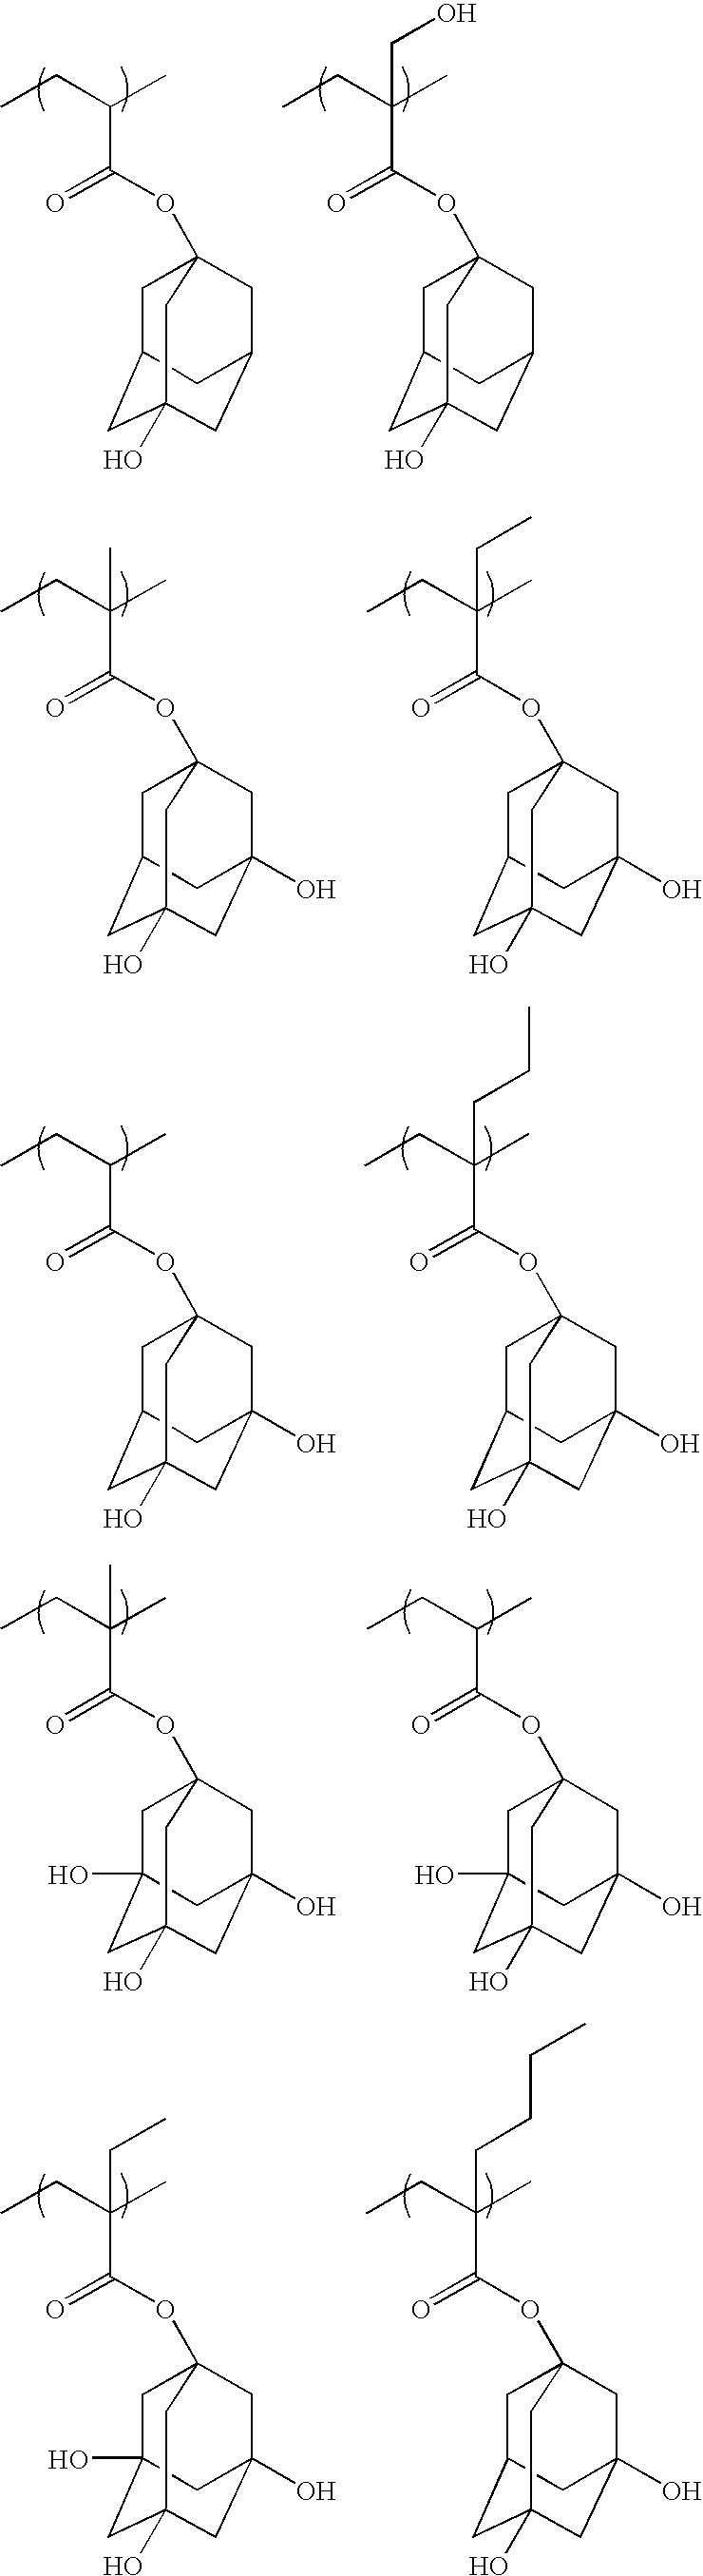 Figure US07985534-20110726-C00006